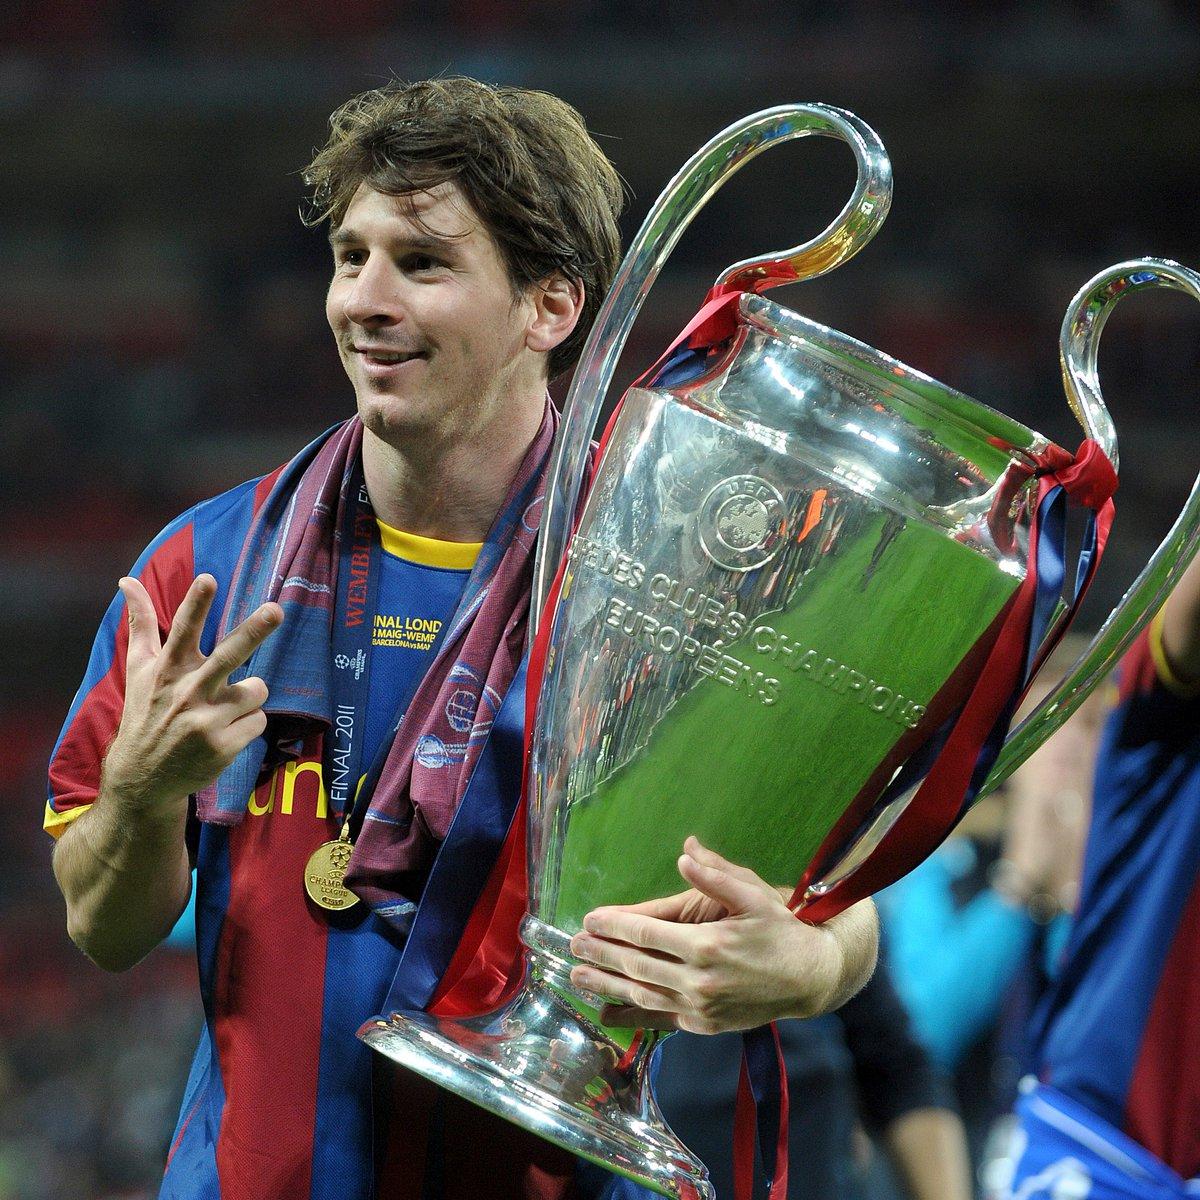 📅 Leo Messi becomes a three-time #UCL winner, #OTD in 2011... 🔵🔴2⃣0⃣0⃣6⃣🏆 🔵🔴2⃣0⃣0⃣9⃣🏆 🔵🔴2⃣0⃣1⃣1⃣🏆 twitter.com/ChampionsLeagu…